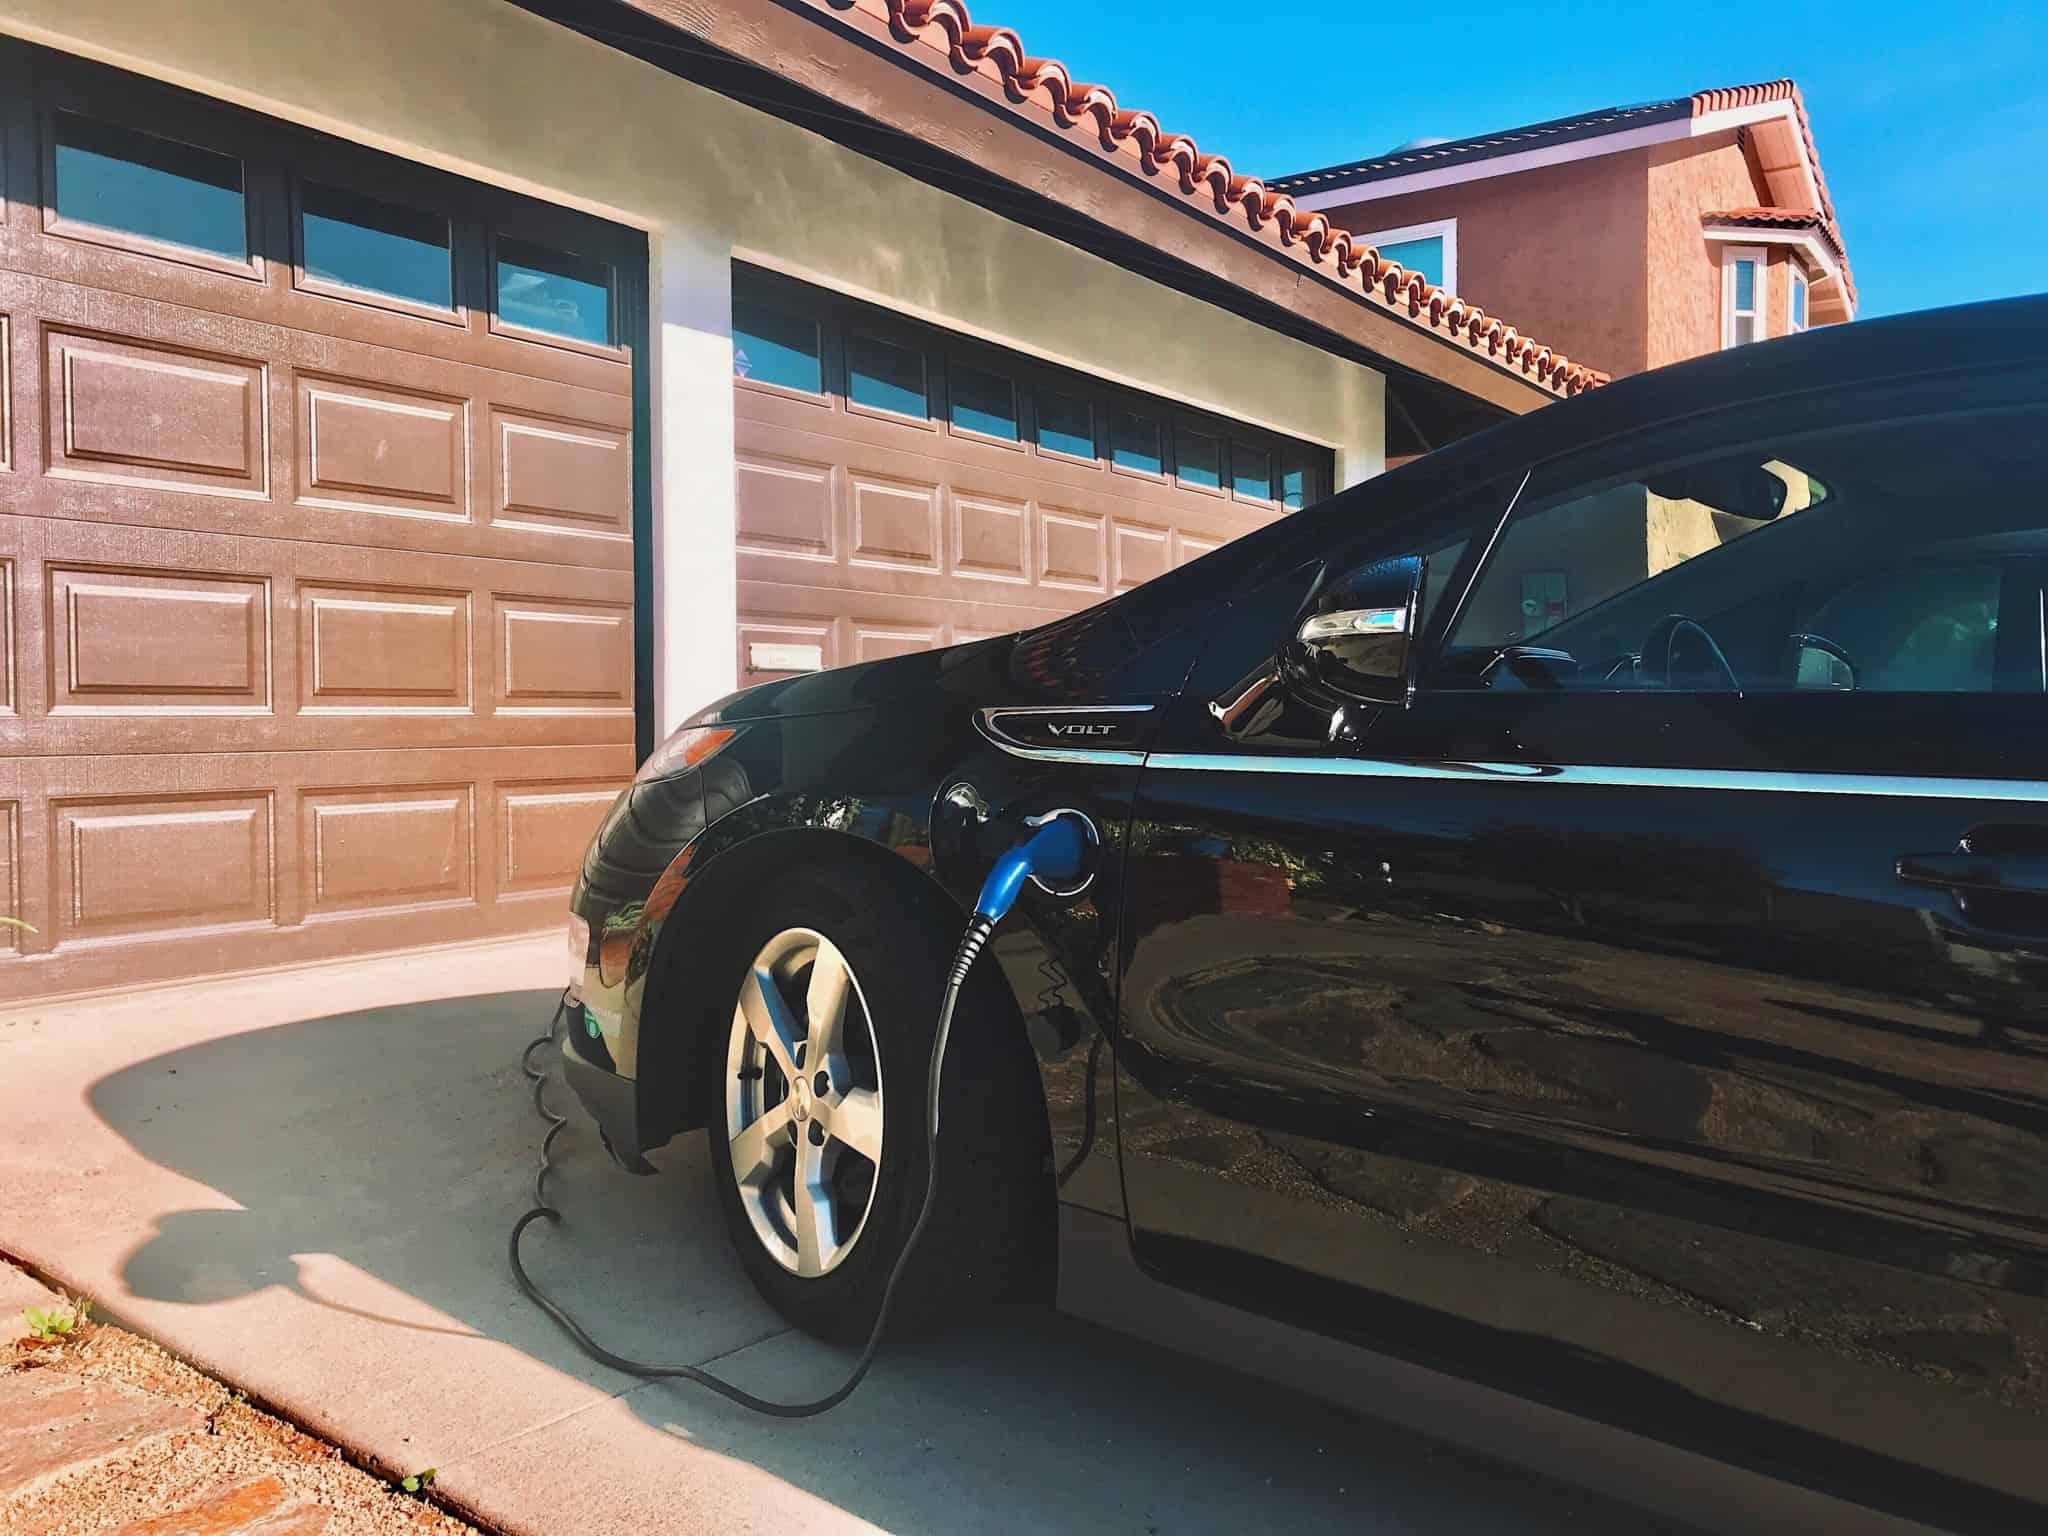 carro eléctrico a ser carregado à porta da garagem